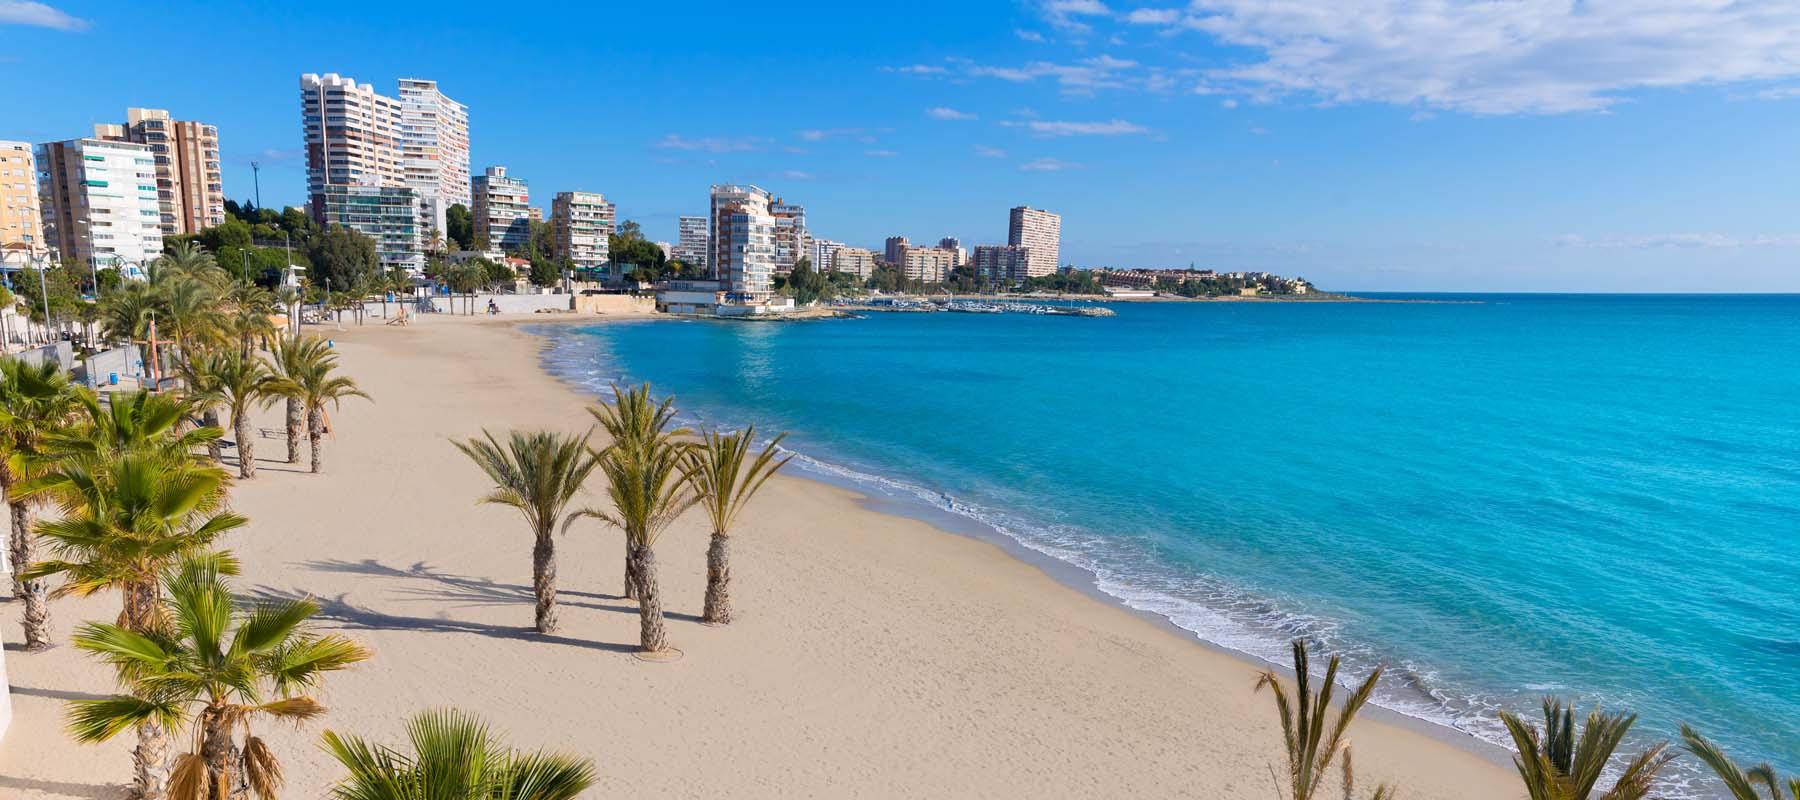 Restaurante con piscina alicante awesome voramar playa for Piscina alicante